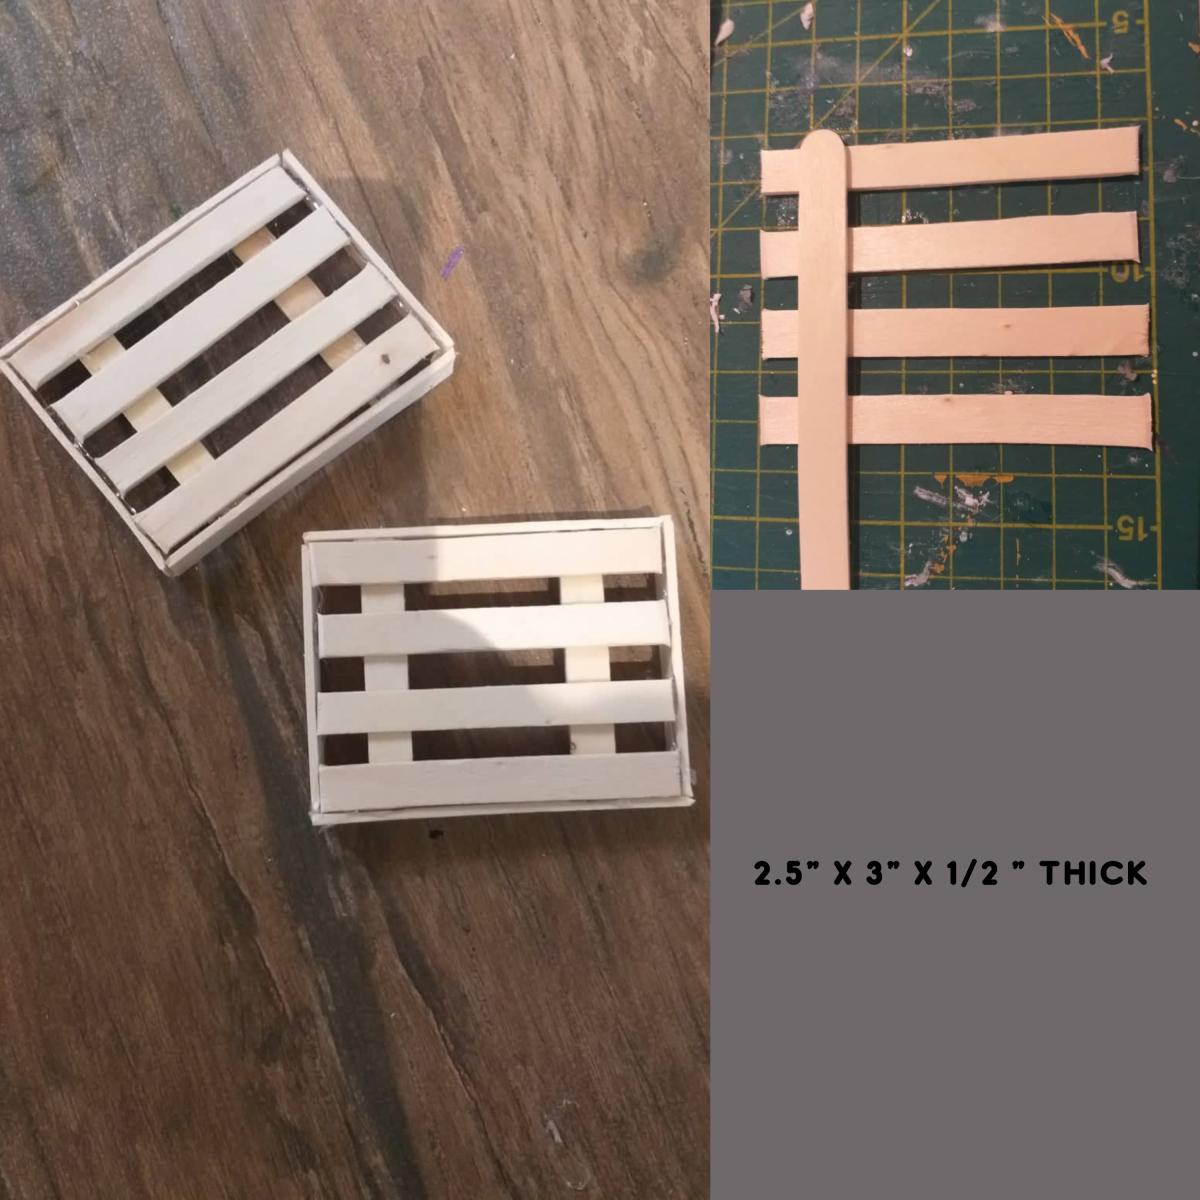 Mini crates.